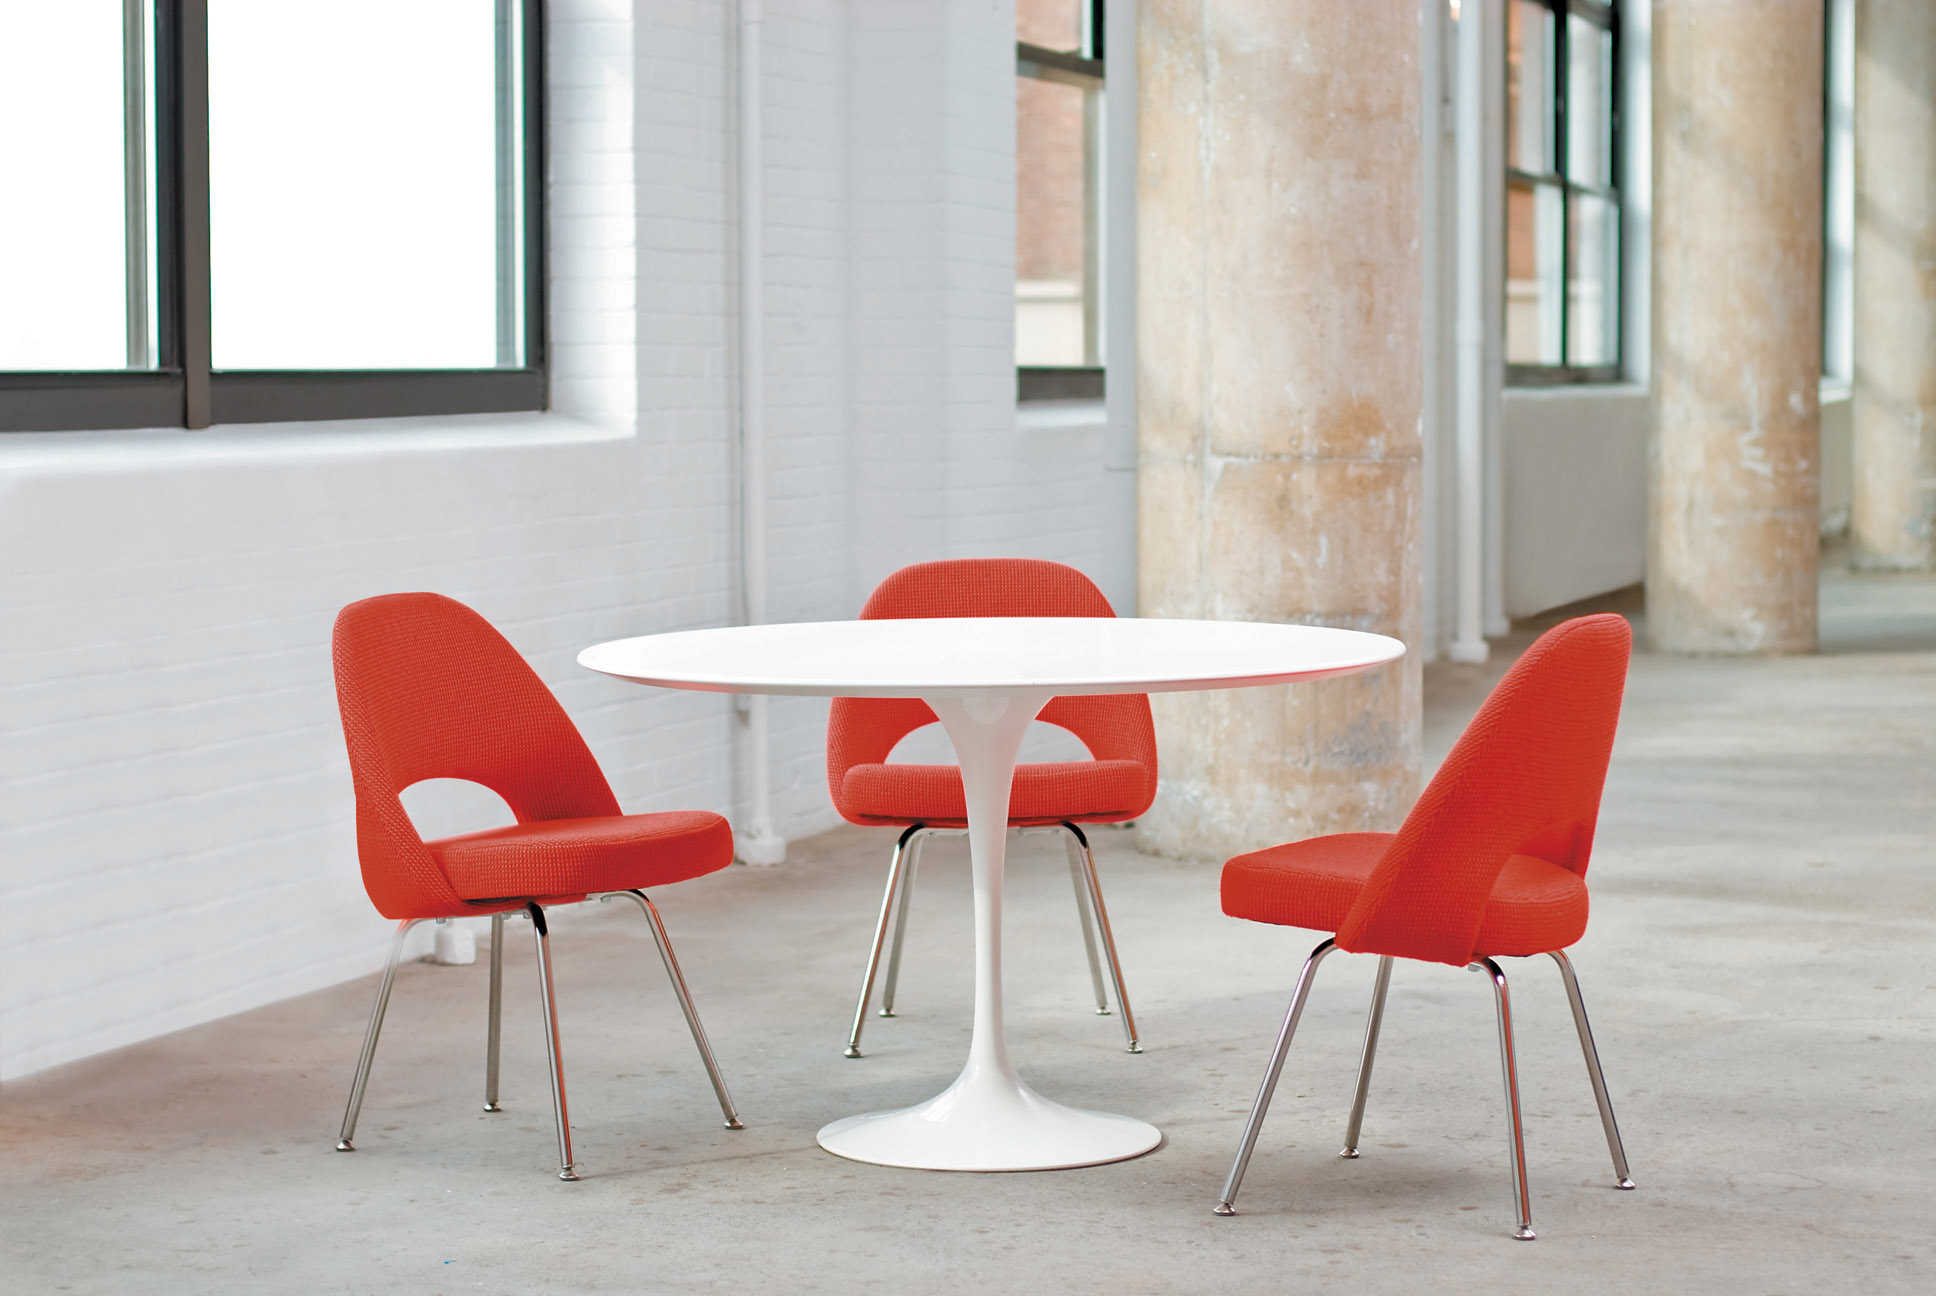 $$$ - Saarinen Table